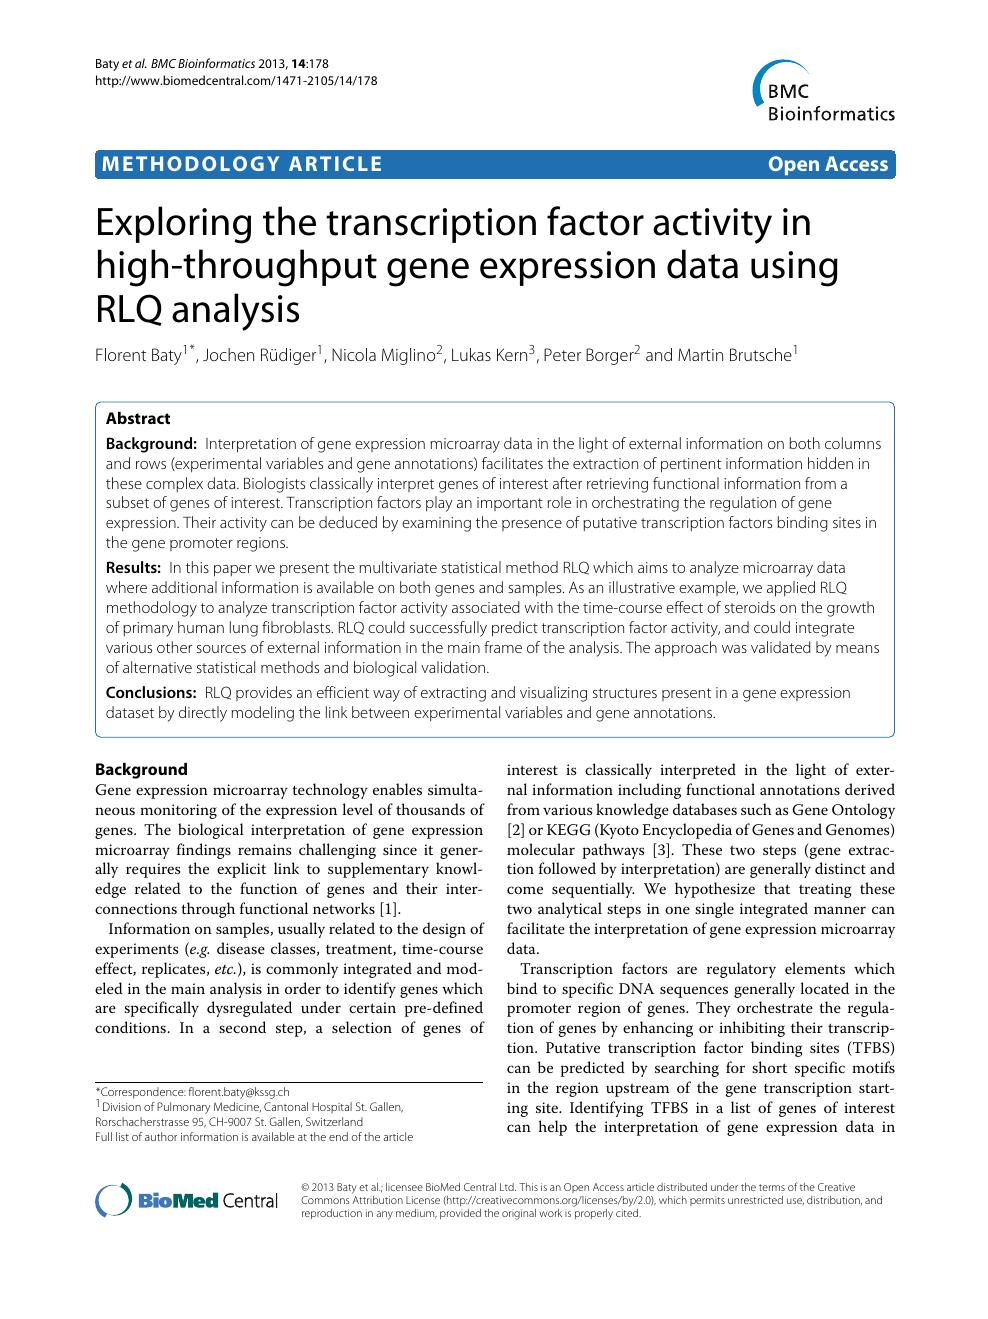 Exploring Bioinformatics Pdf